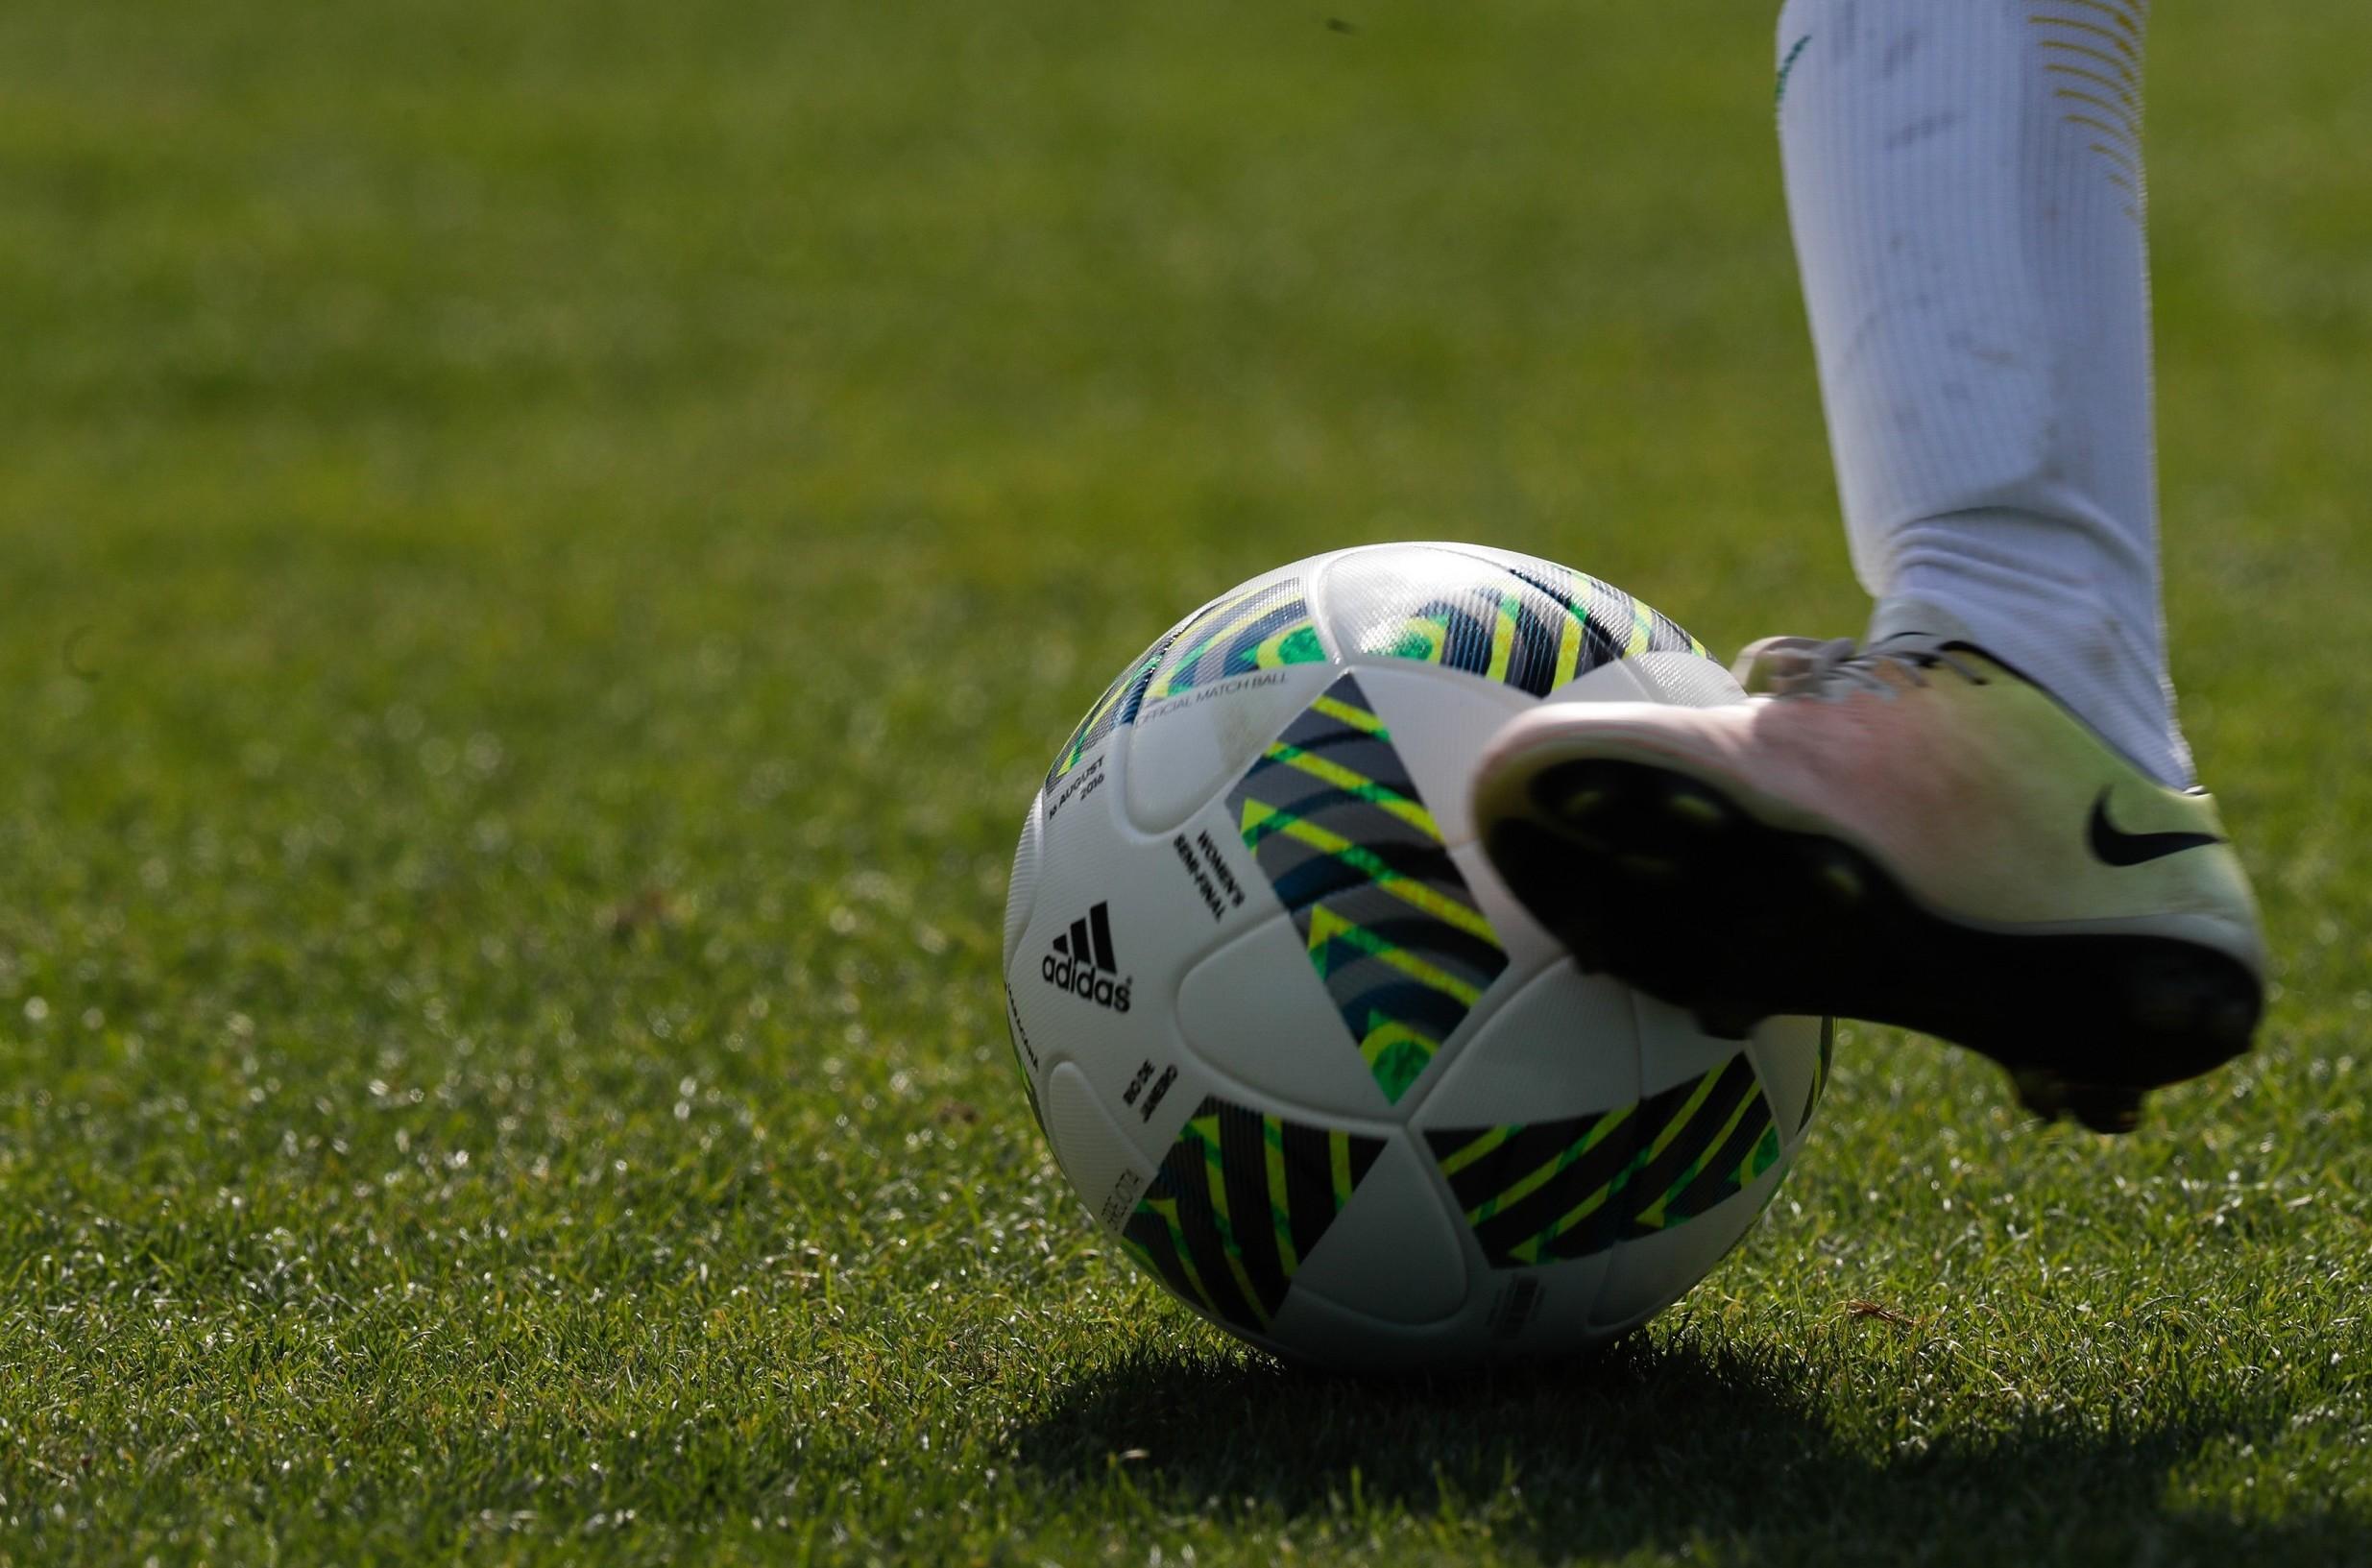 Applicazione calcio importante intercett